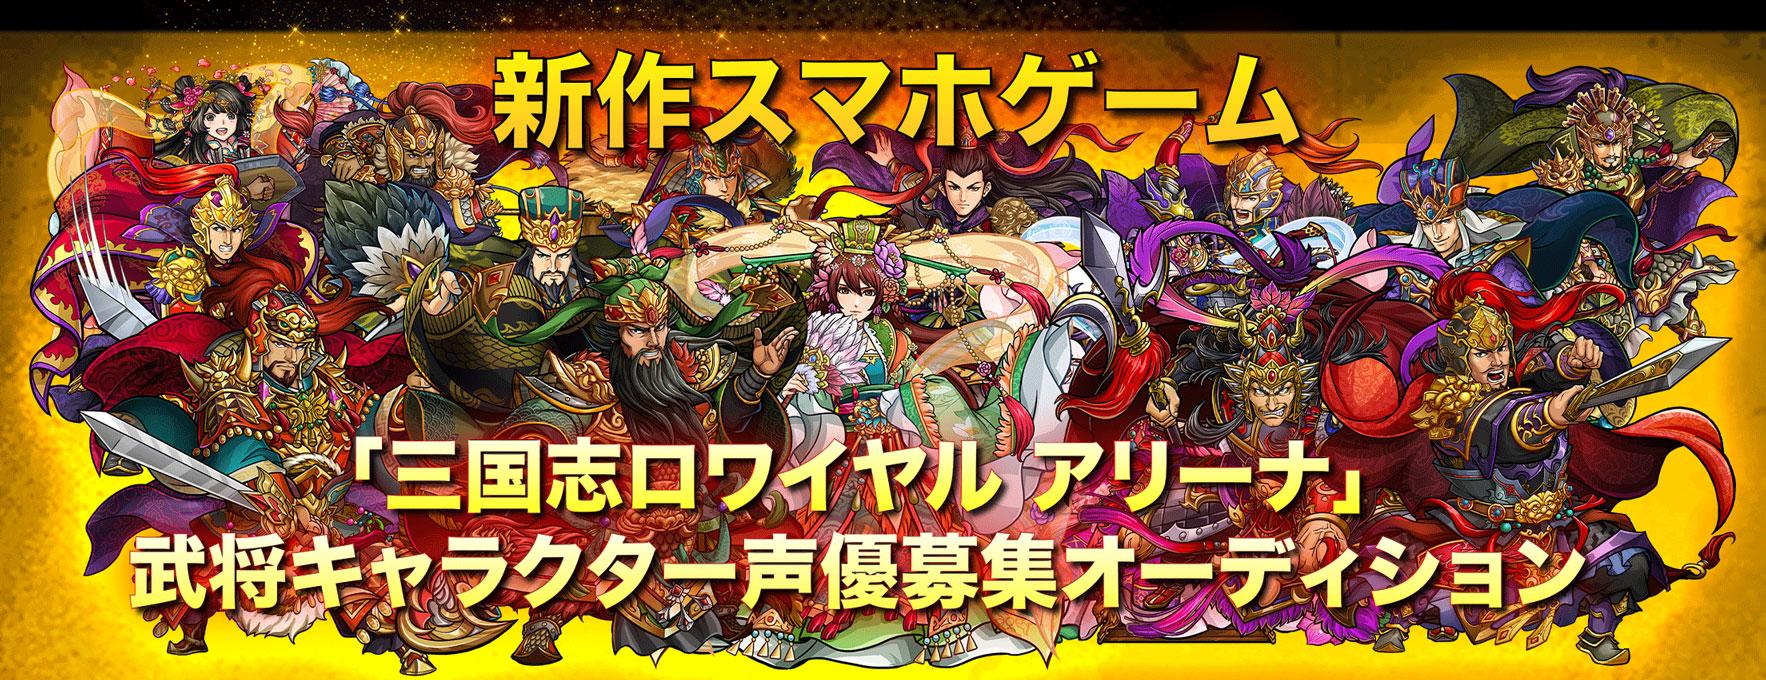 三国志ロワイヤル アリーナ武将キャラクター声優募集オーディション